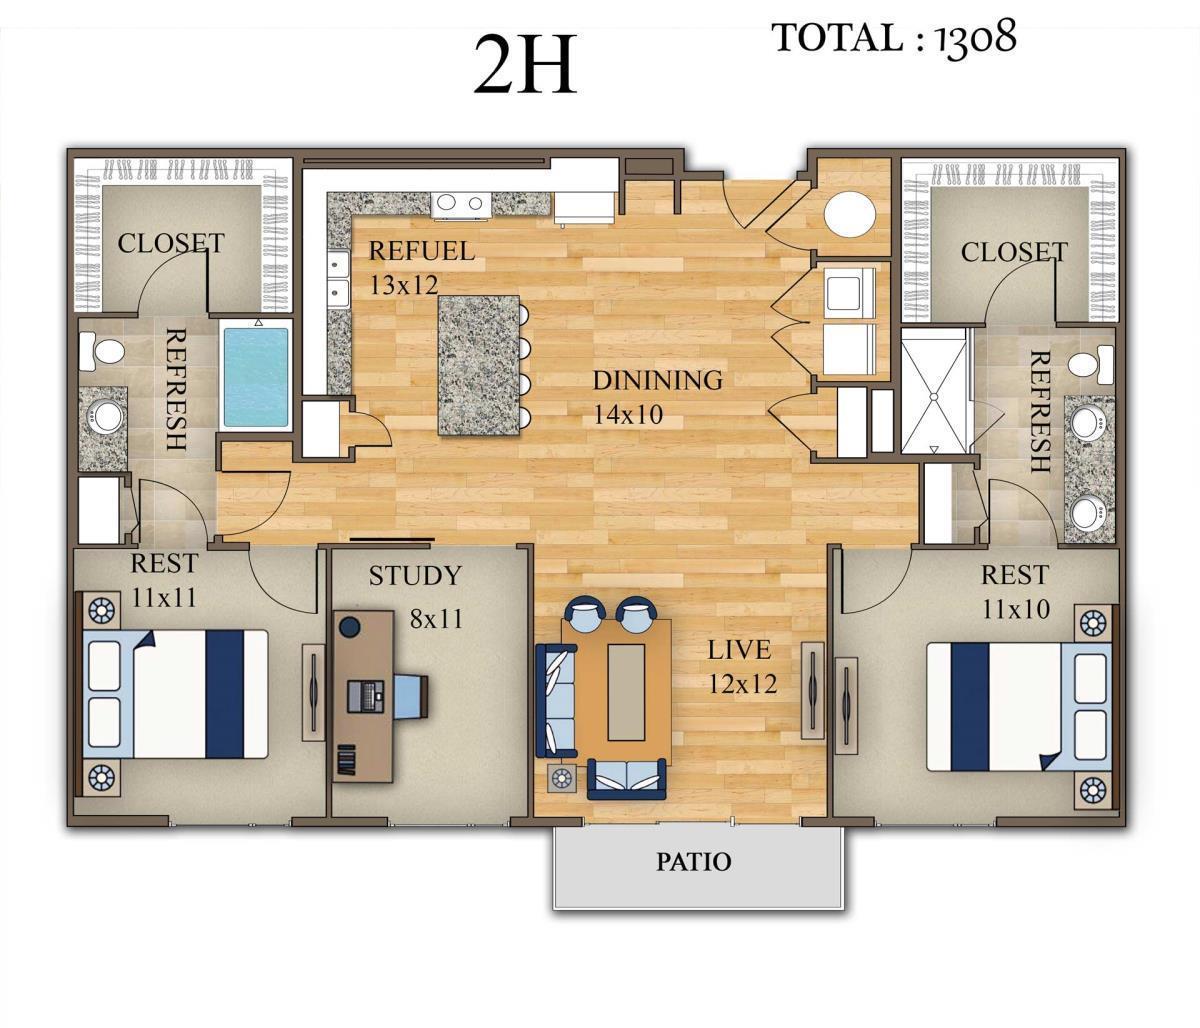 1,308 sq. ft. 2H floor plan